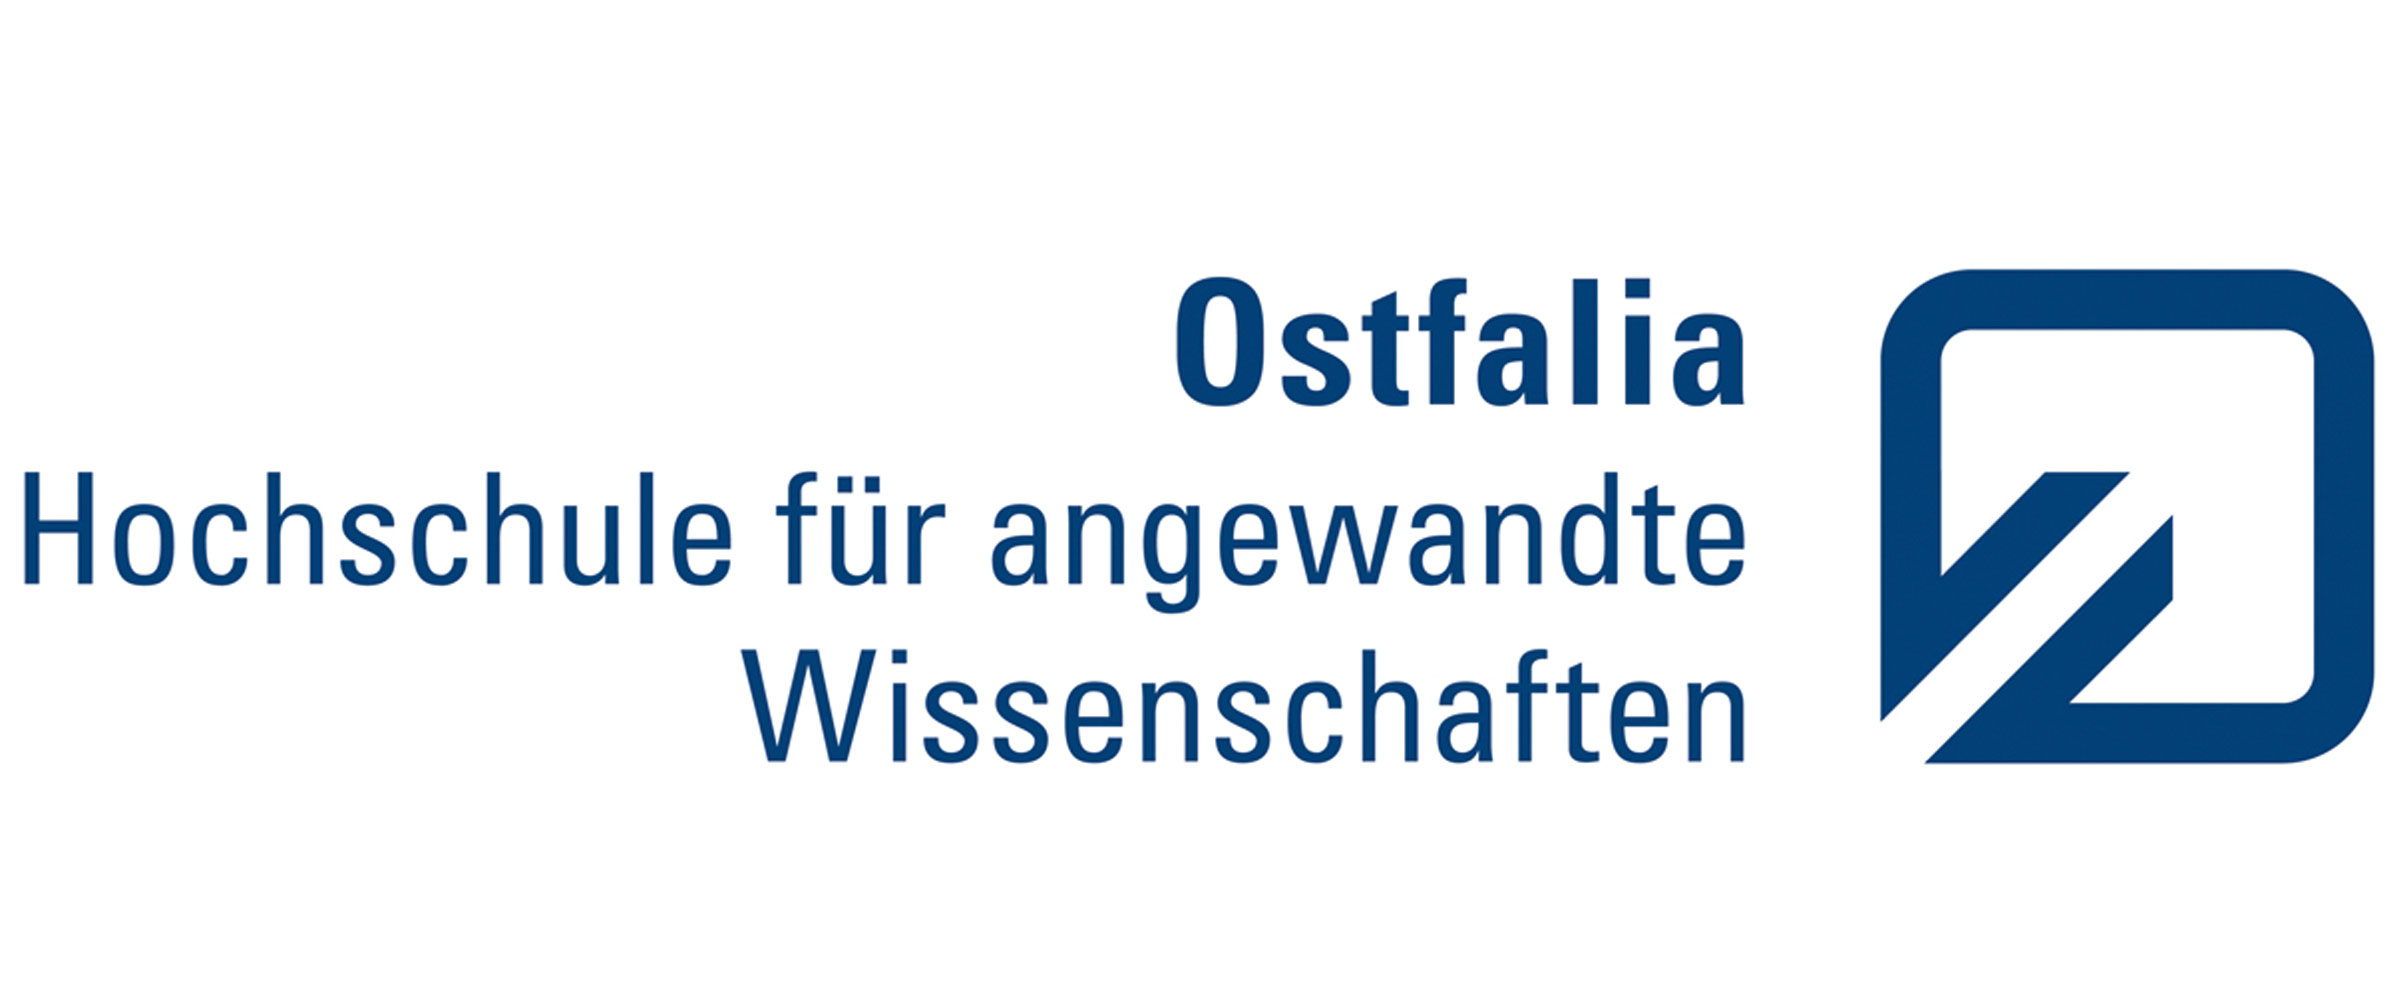 Ostfalia